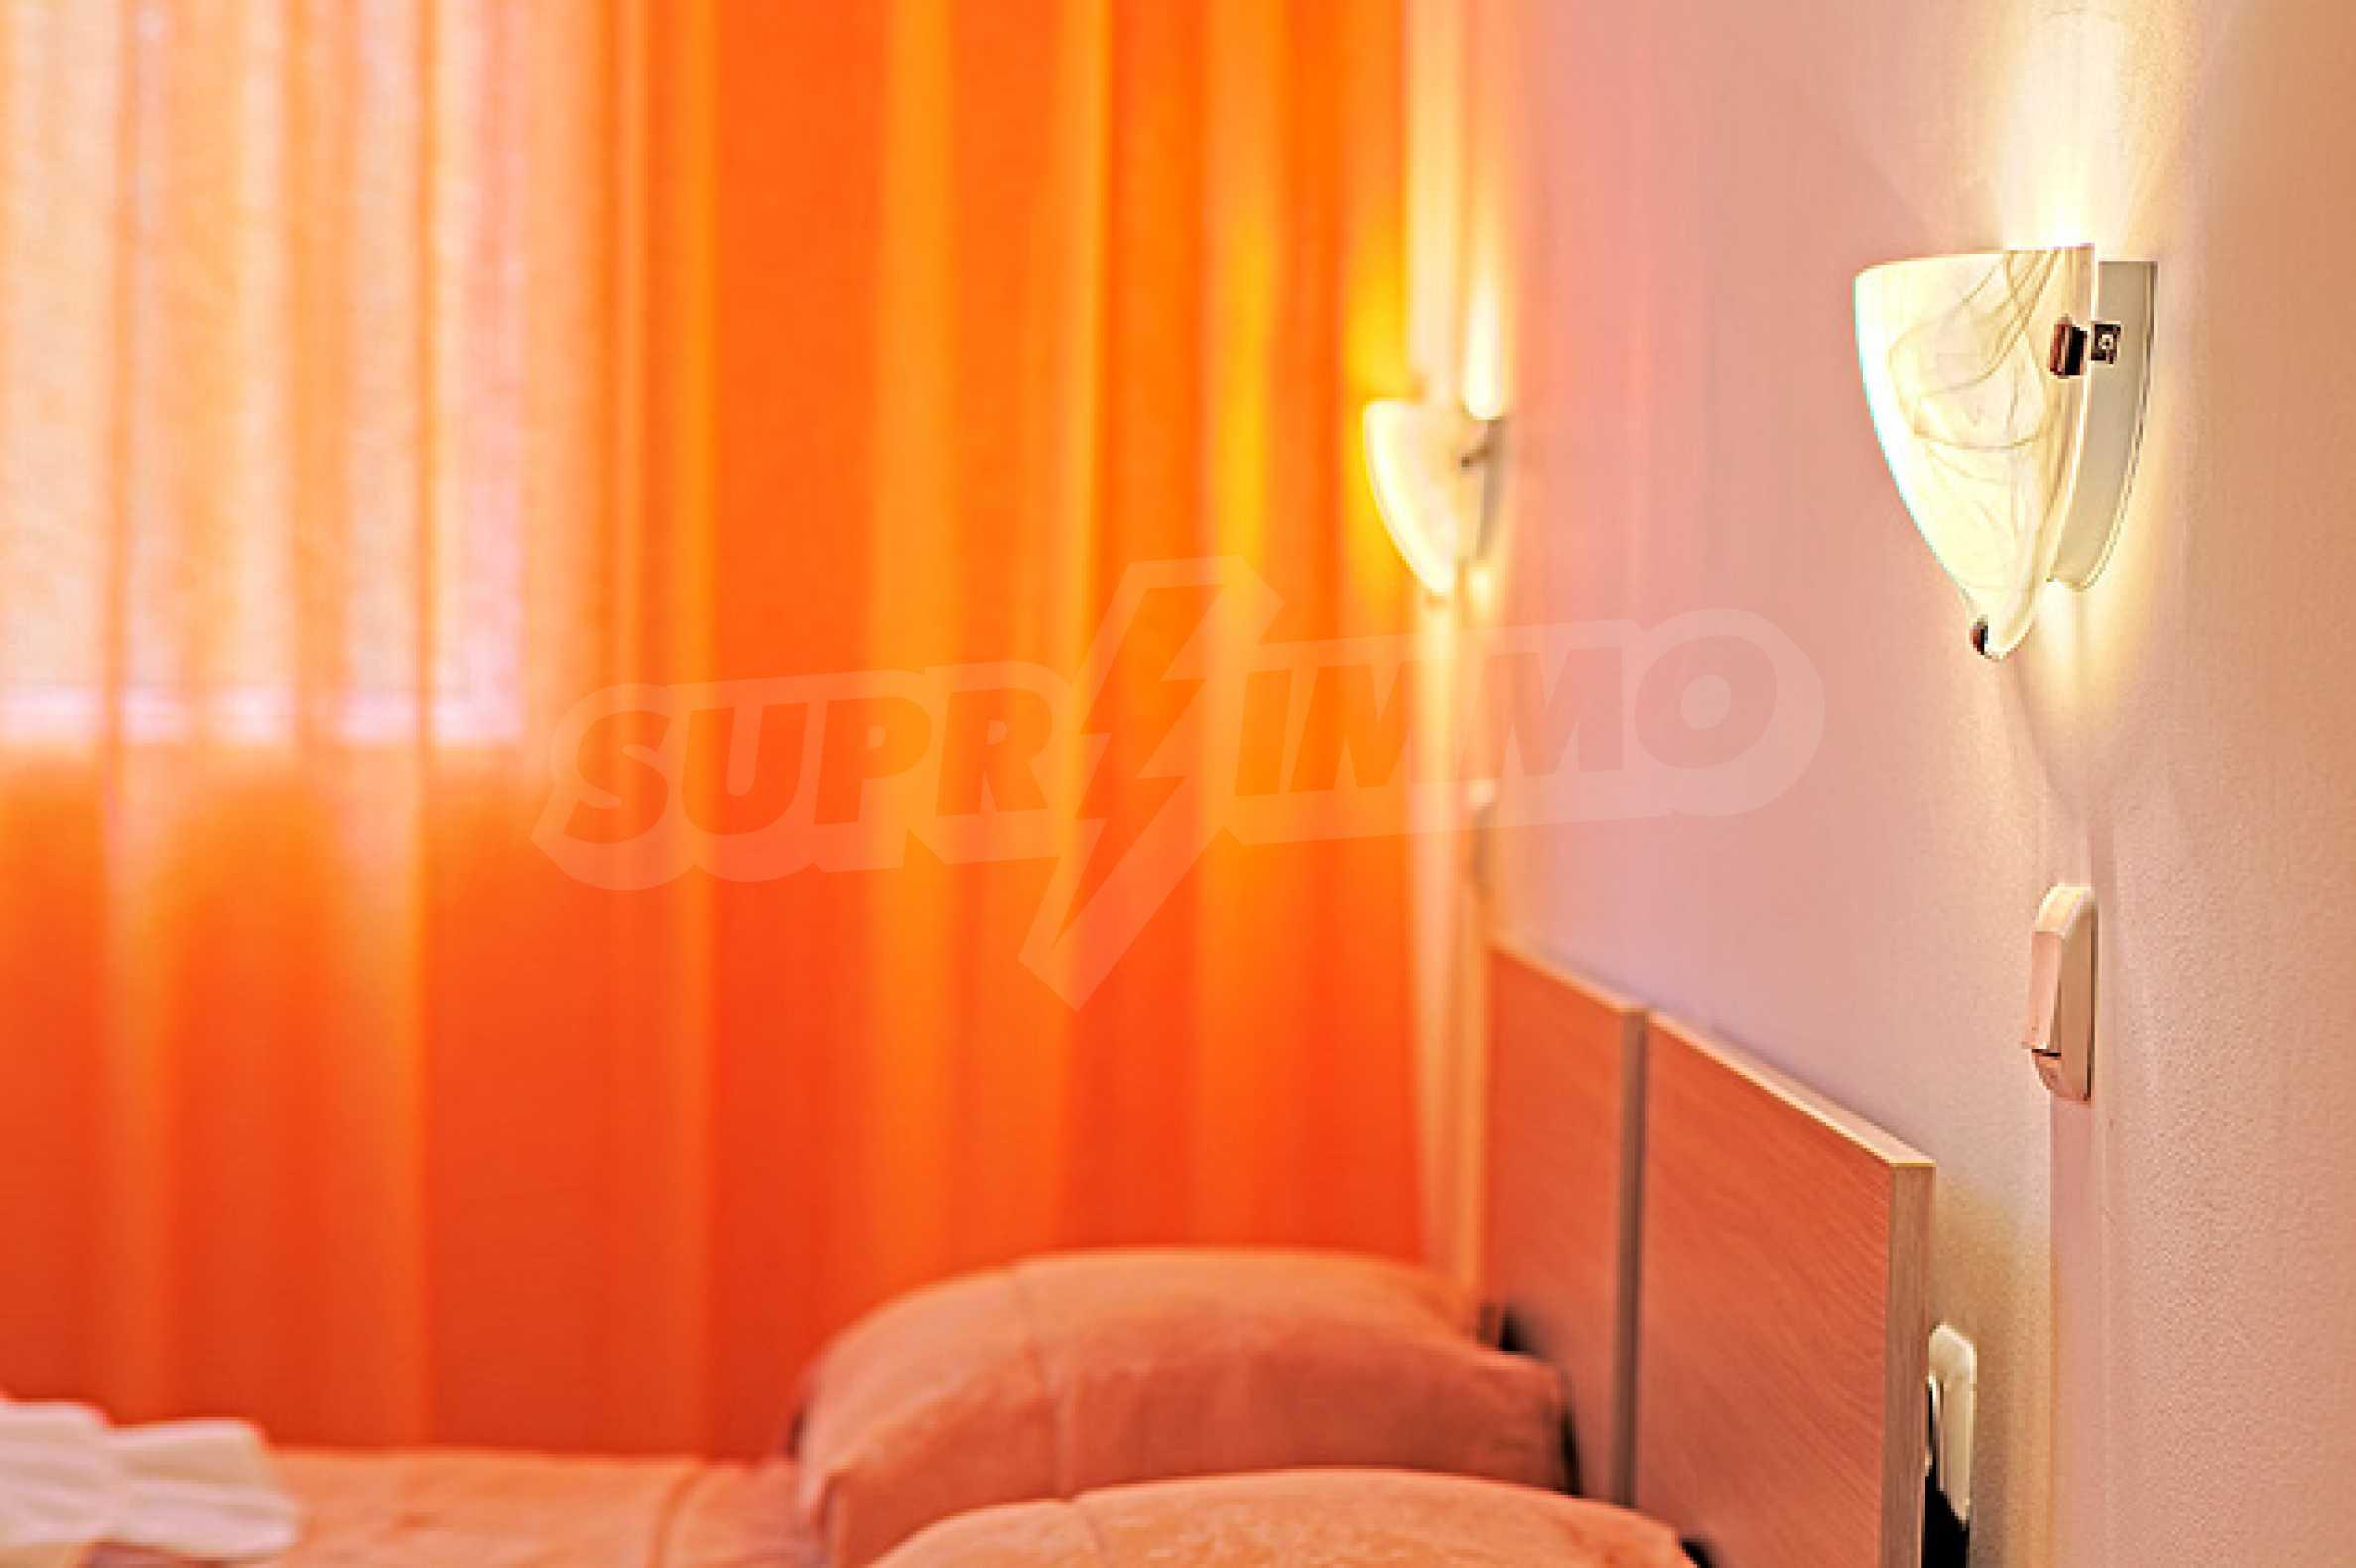 Sunset Kosharitsa - Apartments in einem attraktiven Berg- und Seekomplex, 5 Autominuten vom Sonnenstrand entfernt 23